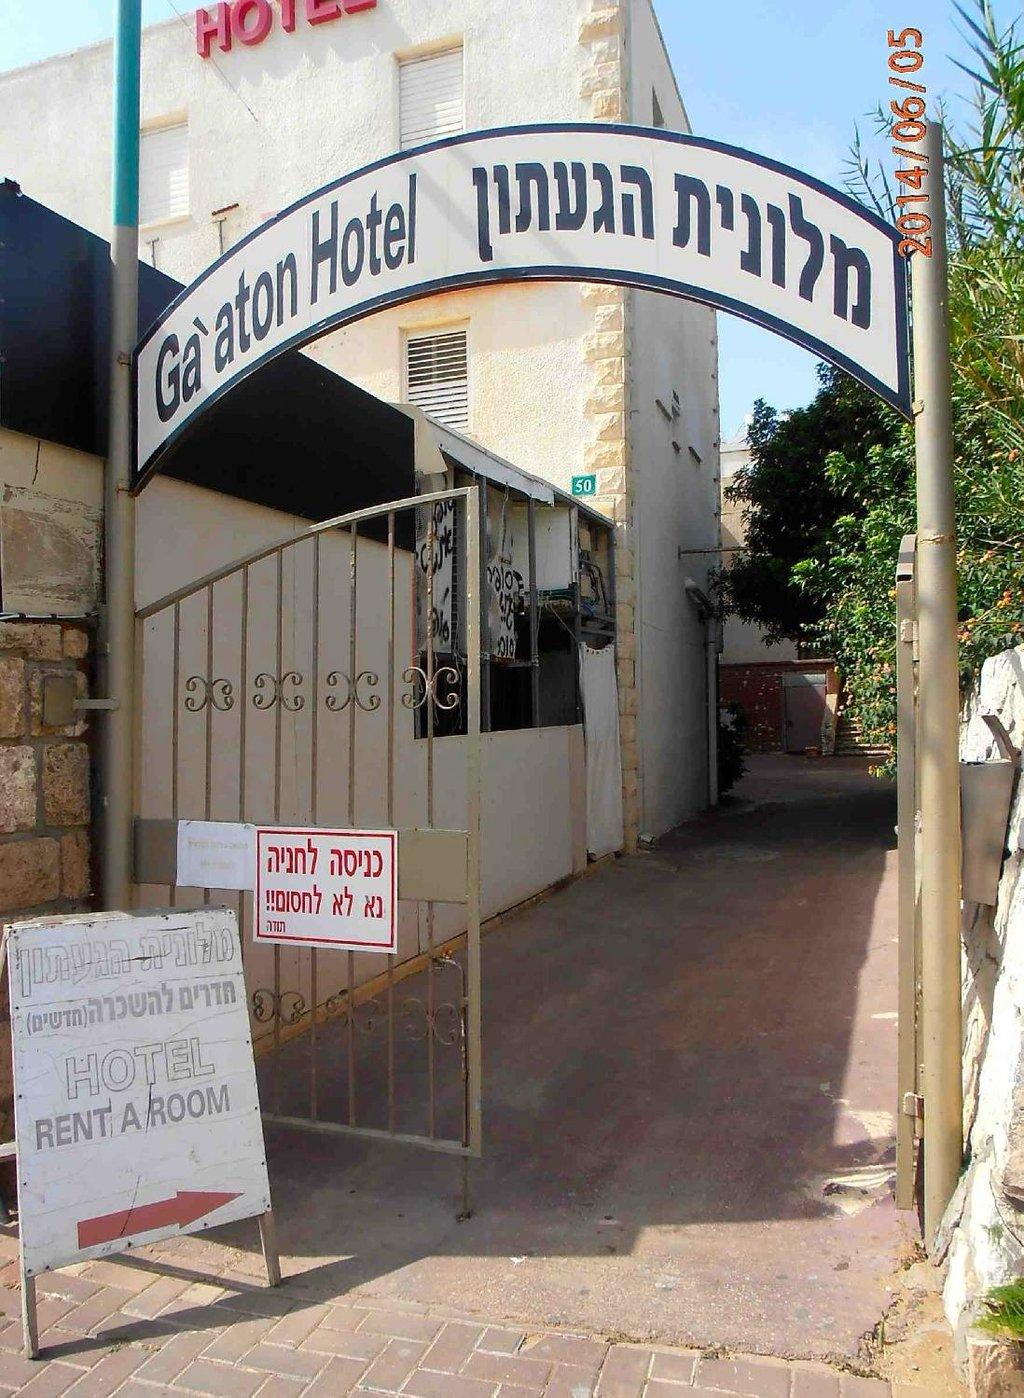 Ga'aton Motel